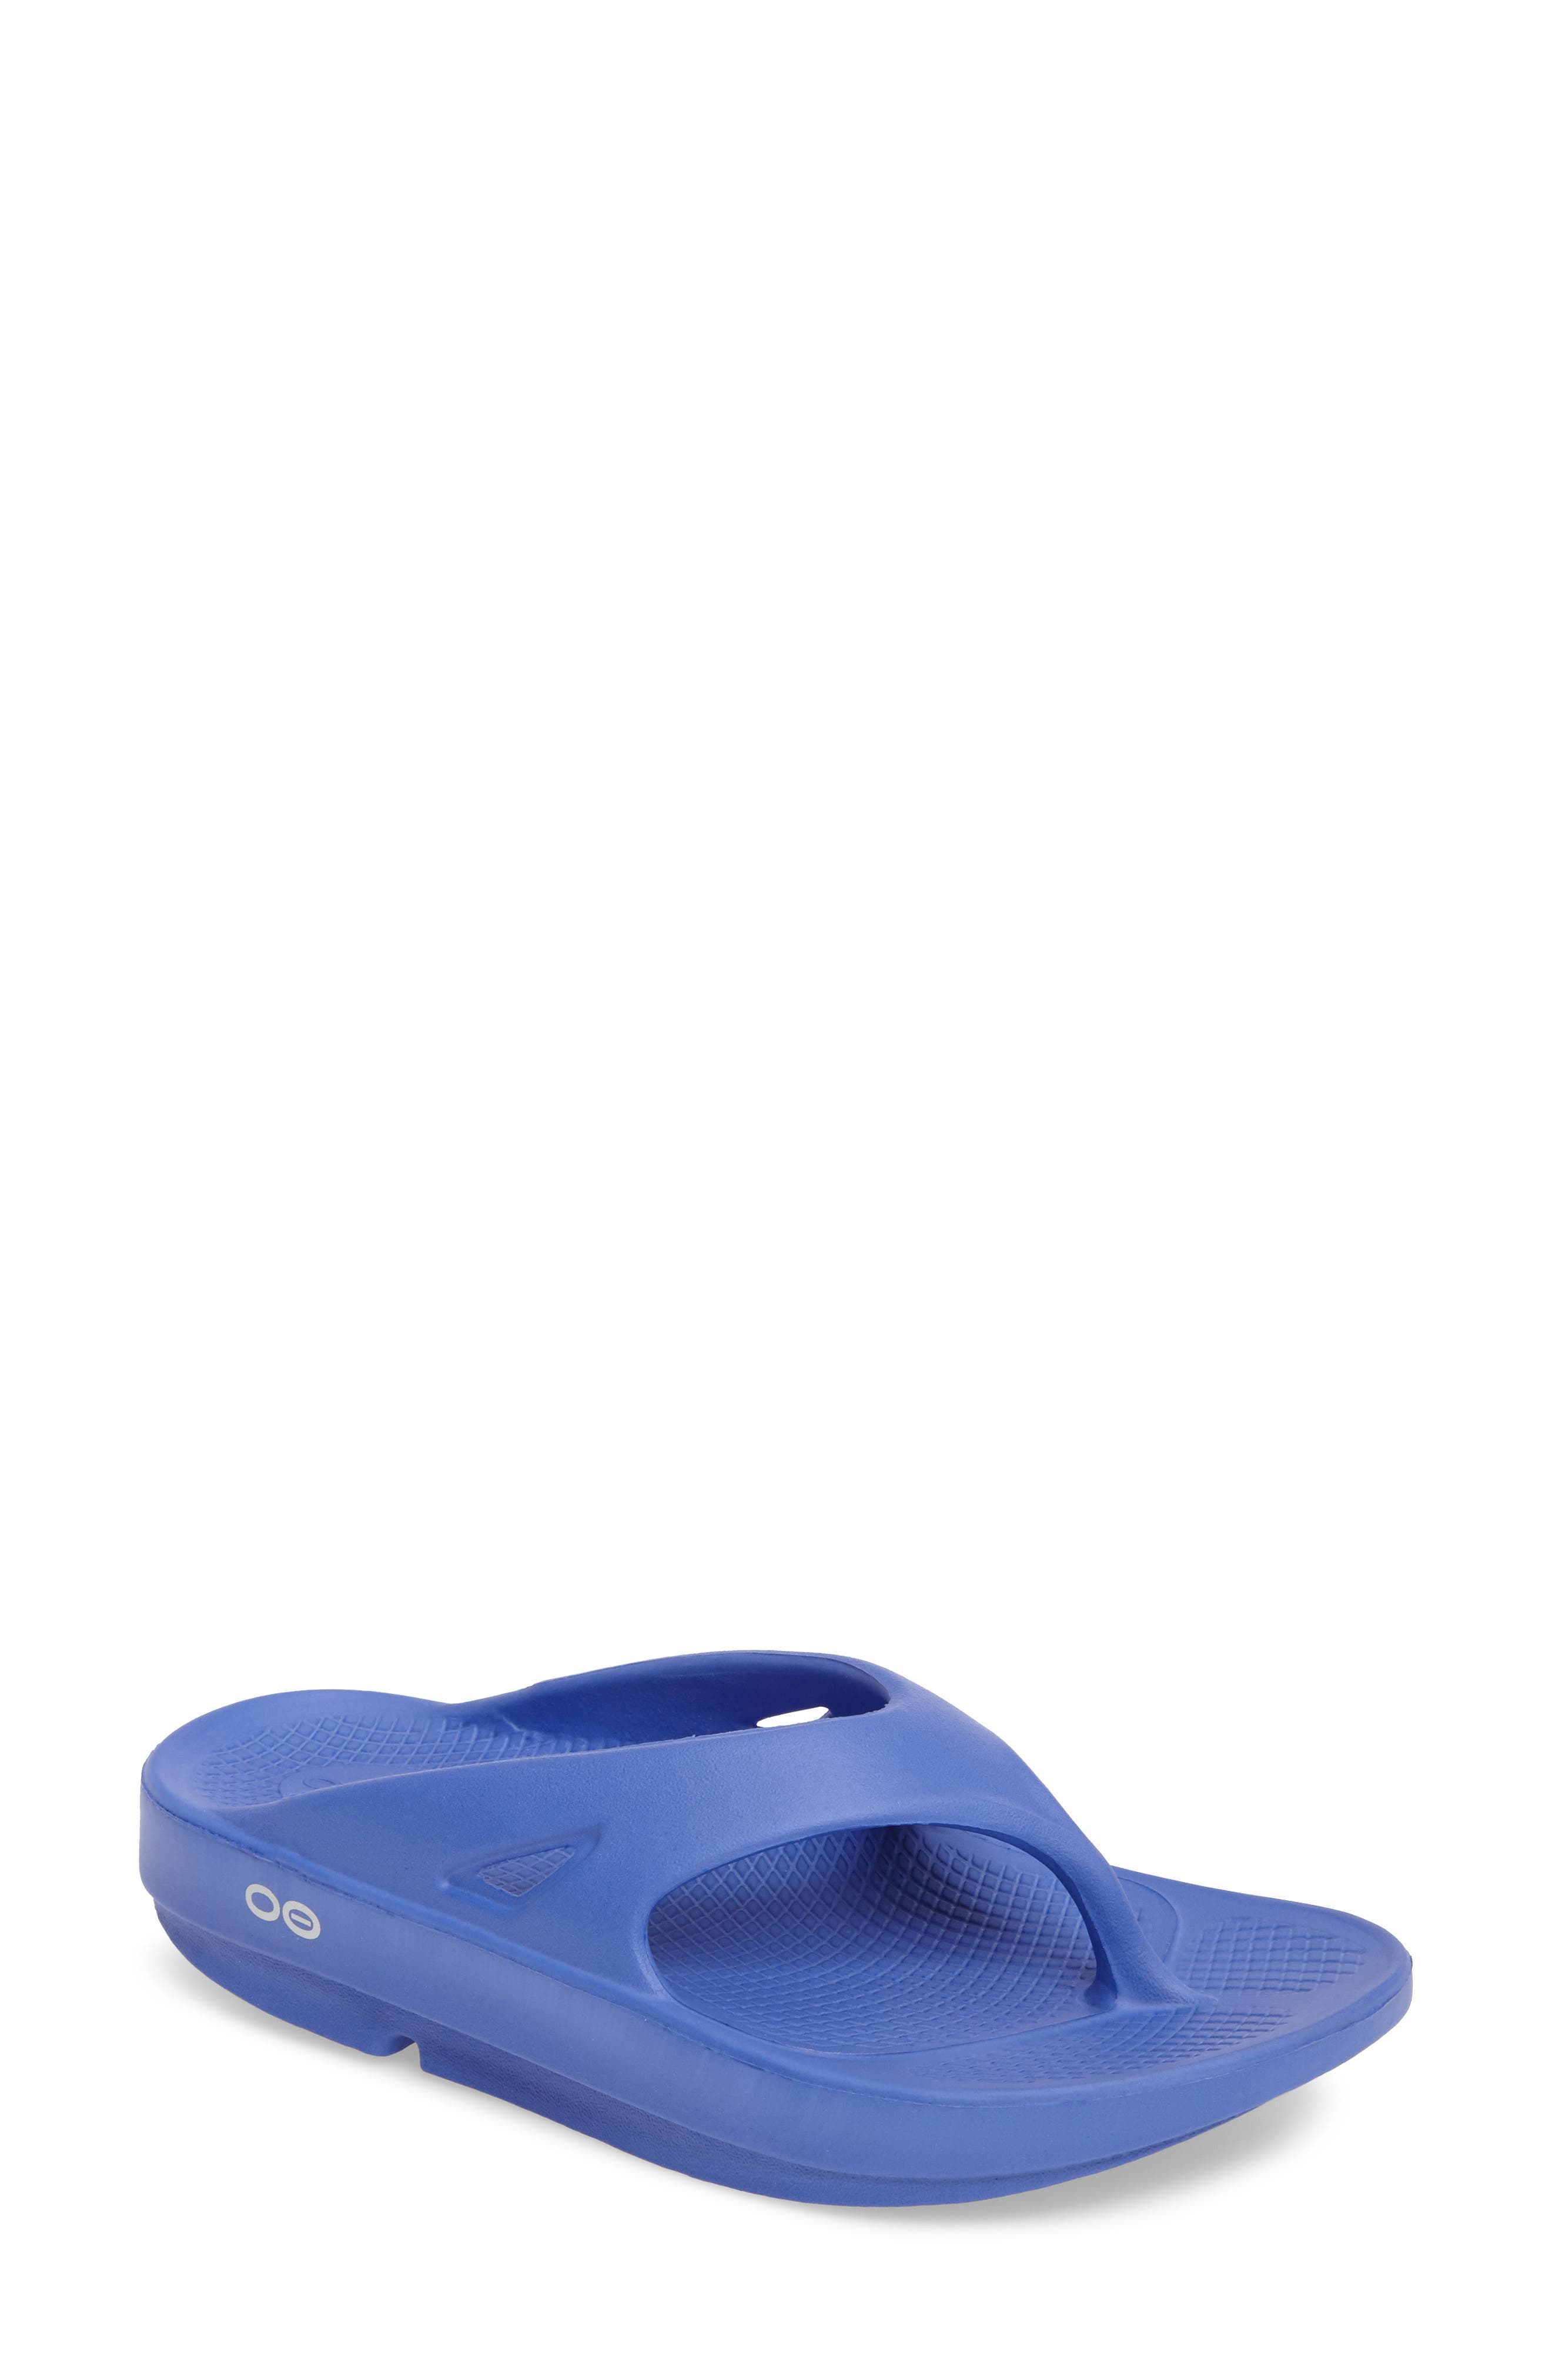 Oofos OOriginal Sandal (Women)